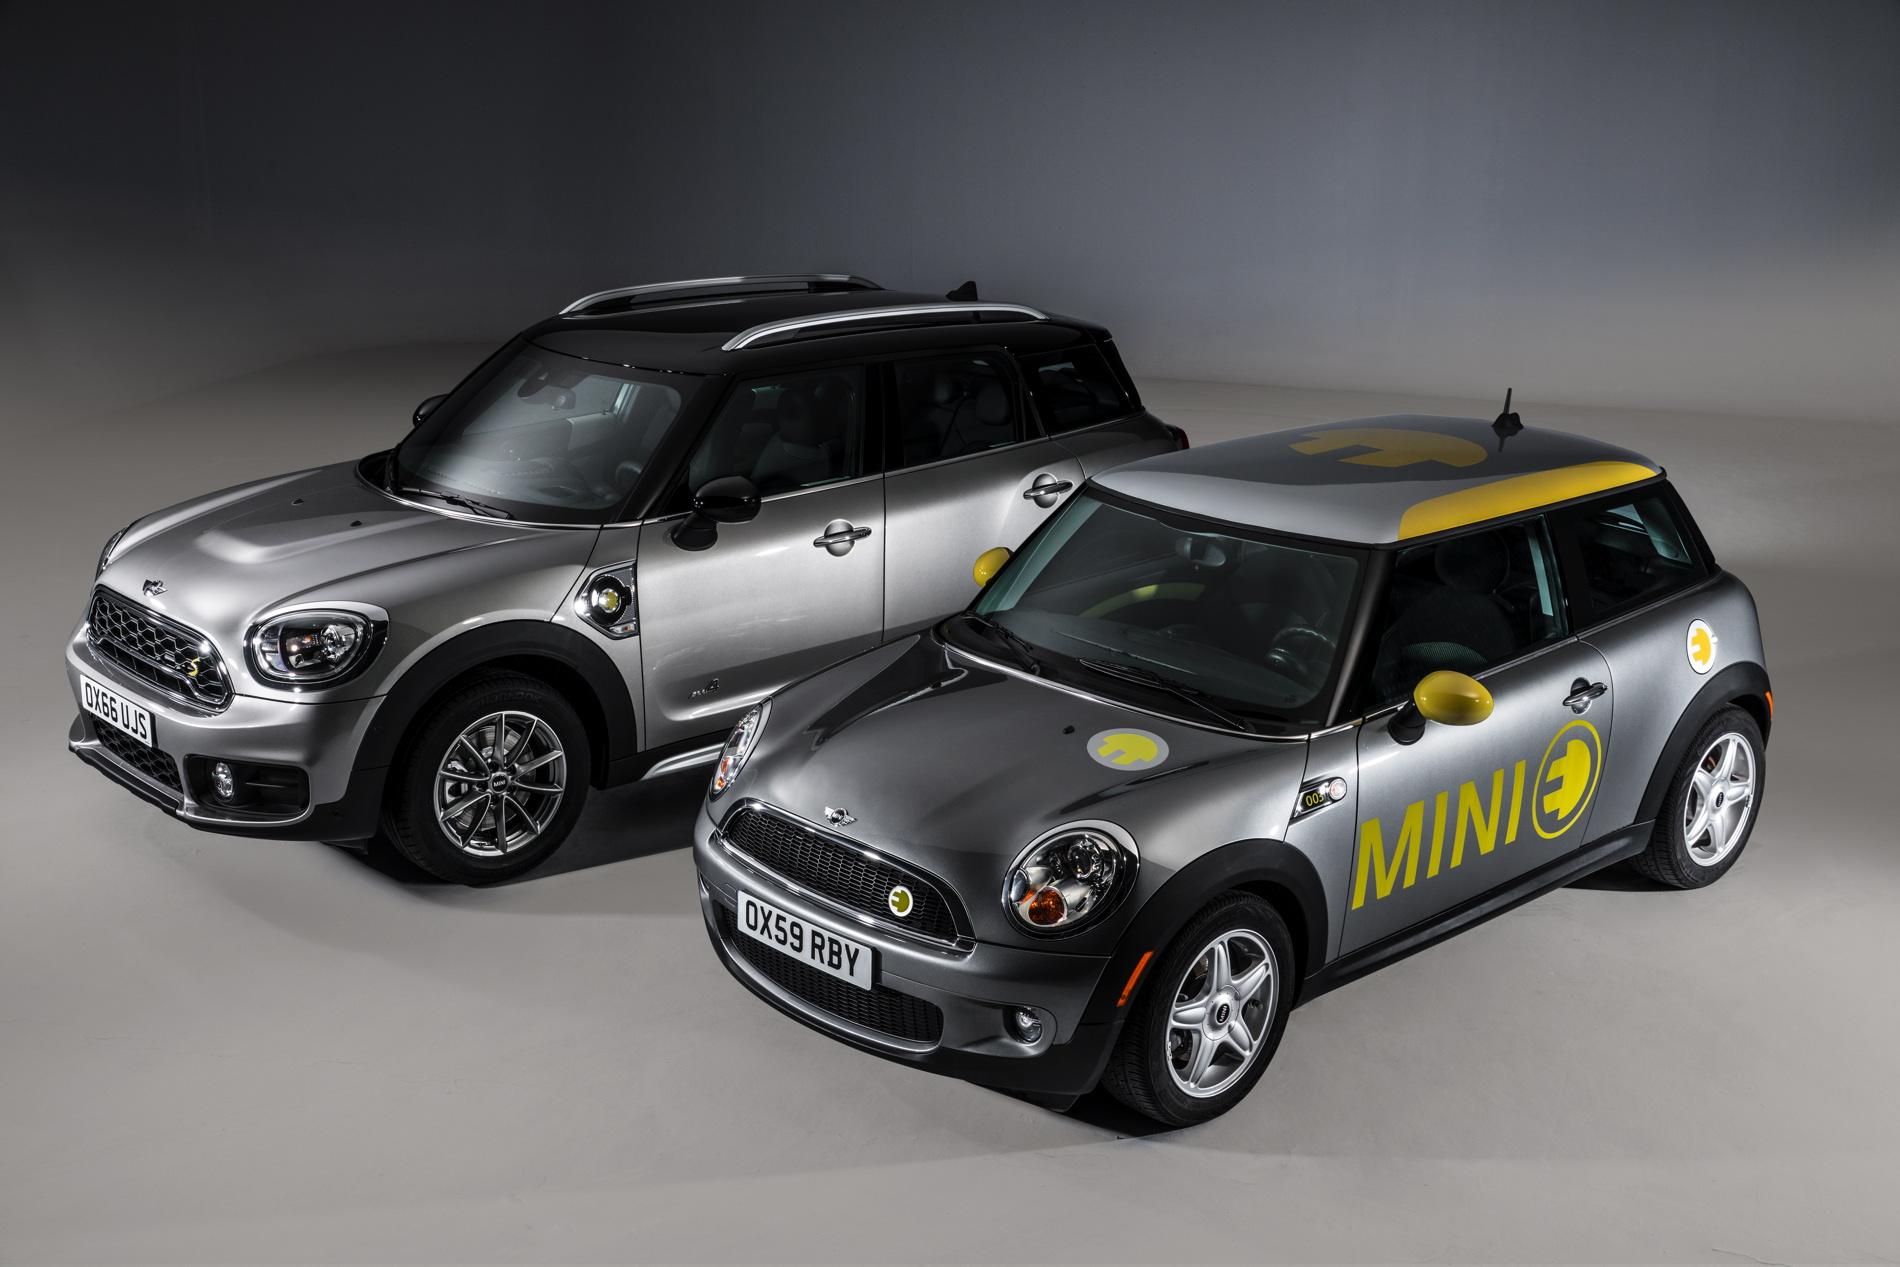 Мини выпустит свой 1-ый серийный электрокар Cooper E в 2019г.